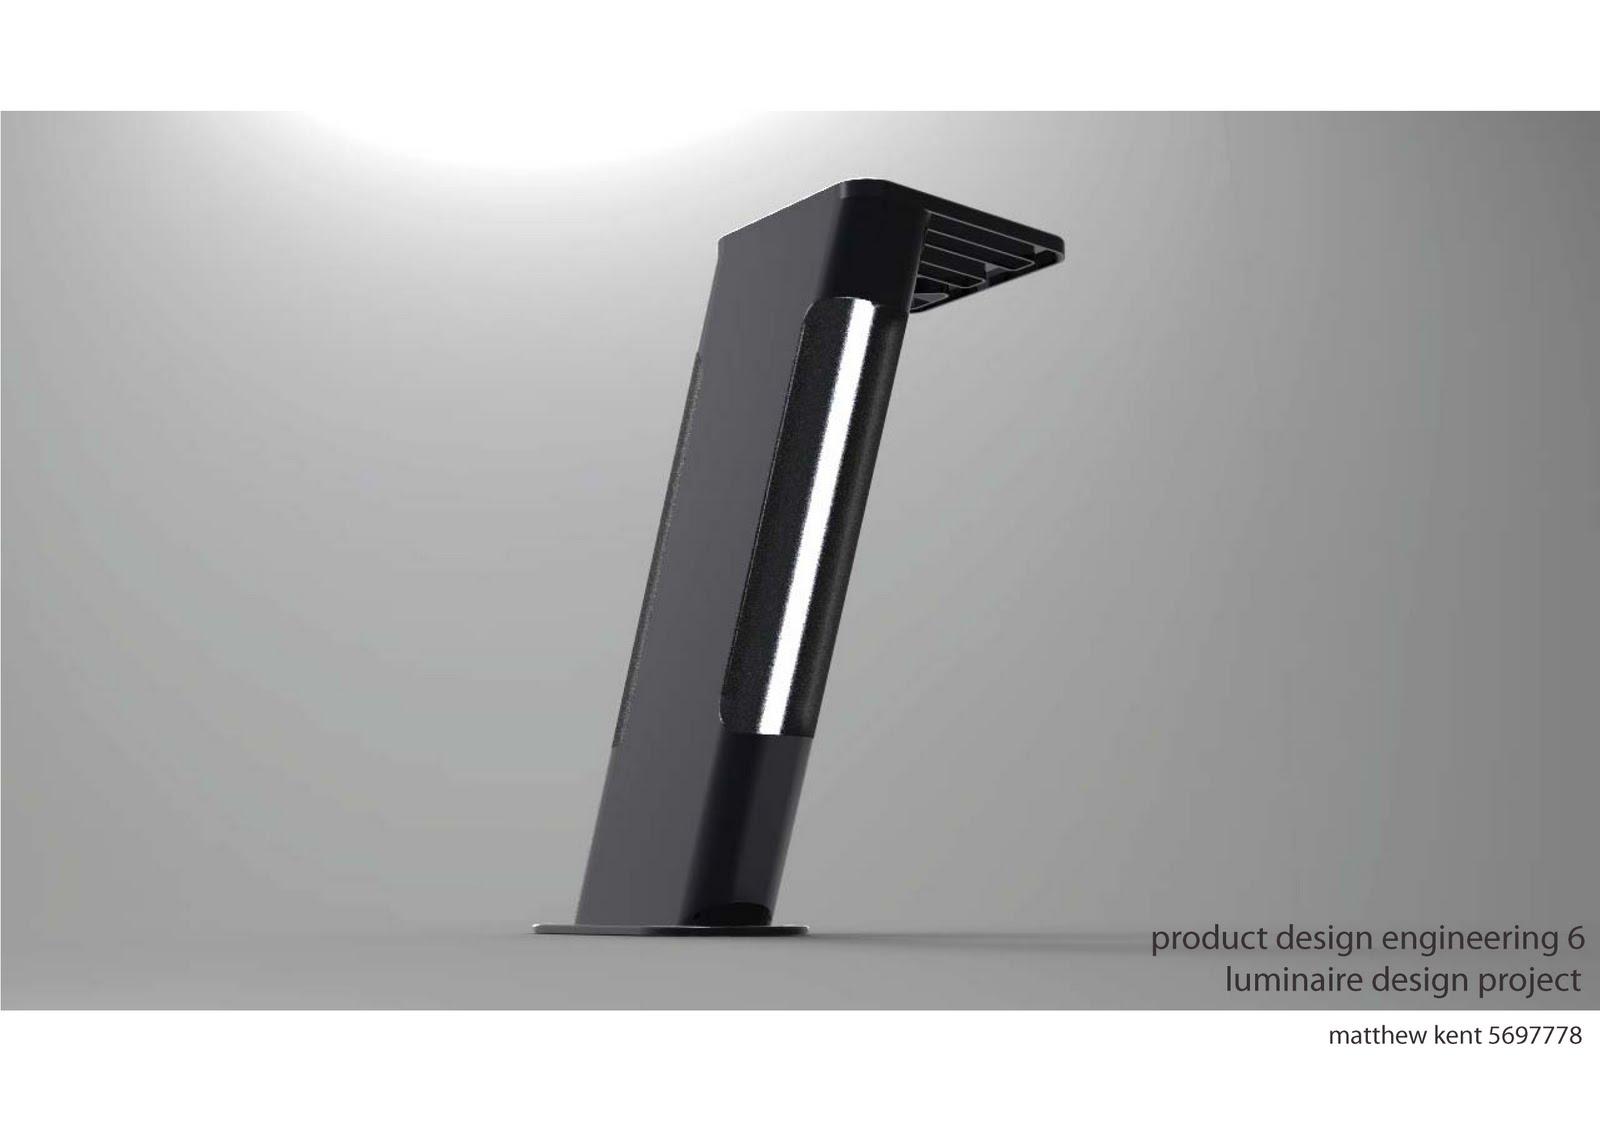 Matt kent final concept luminaire design for Luminaire design